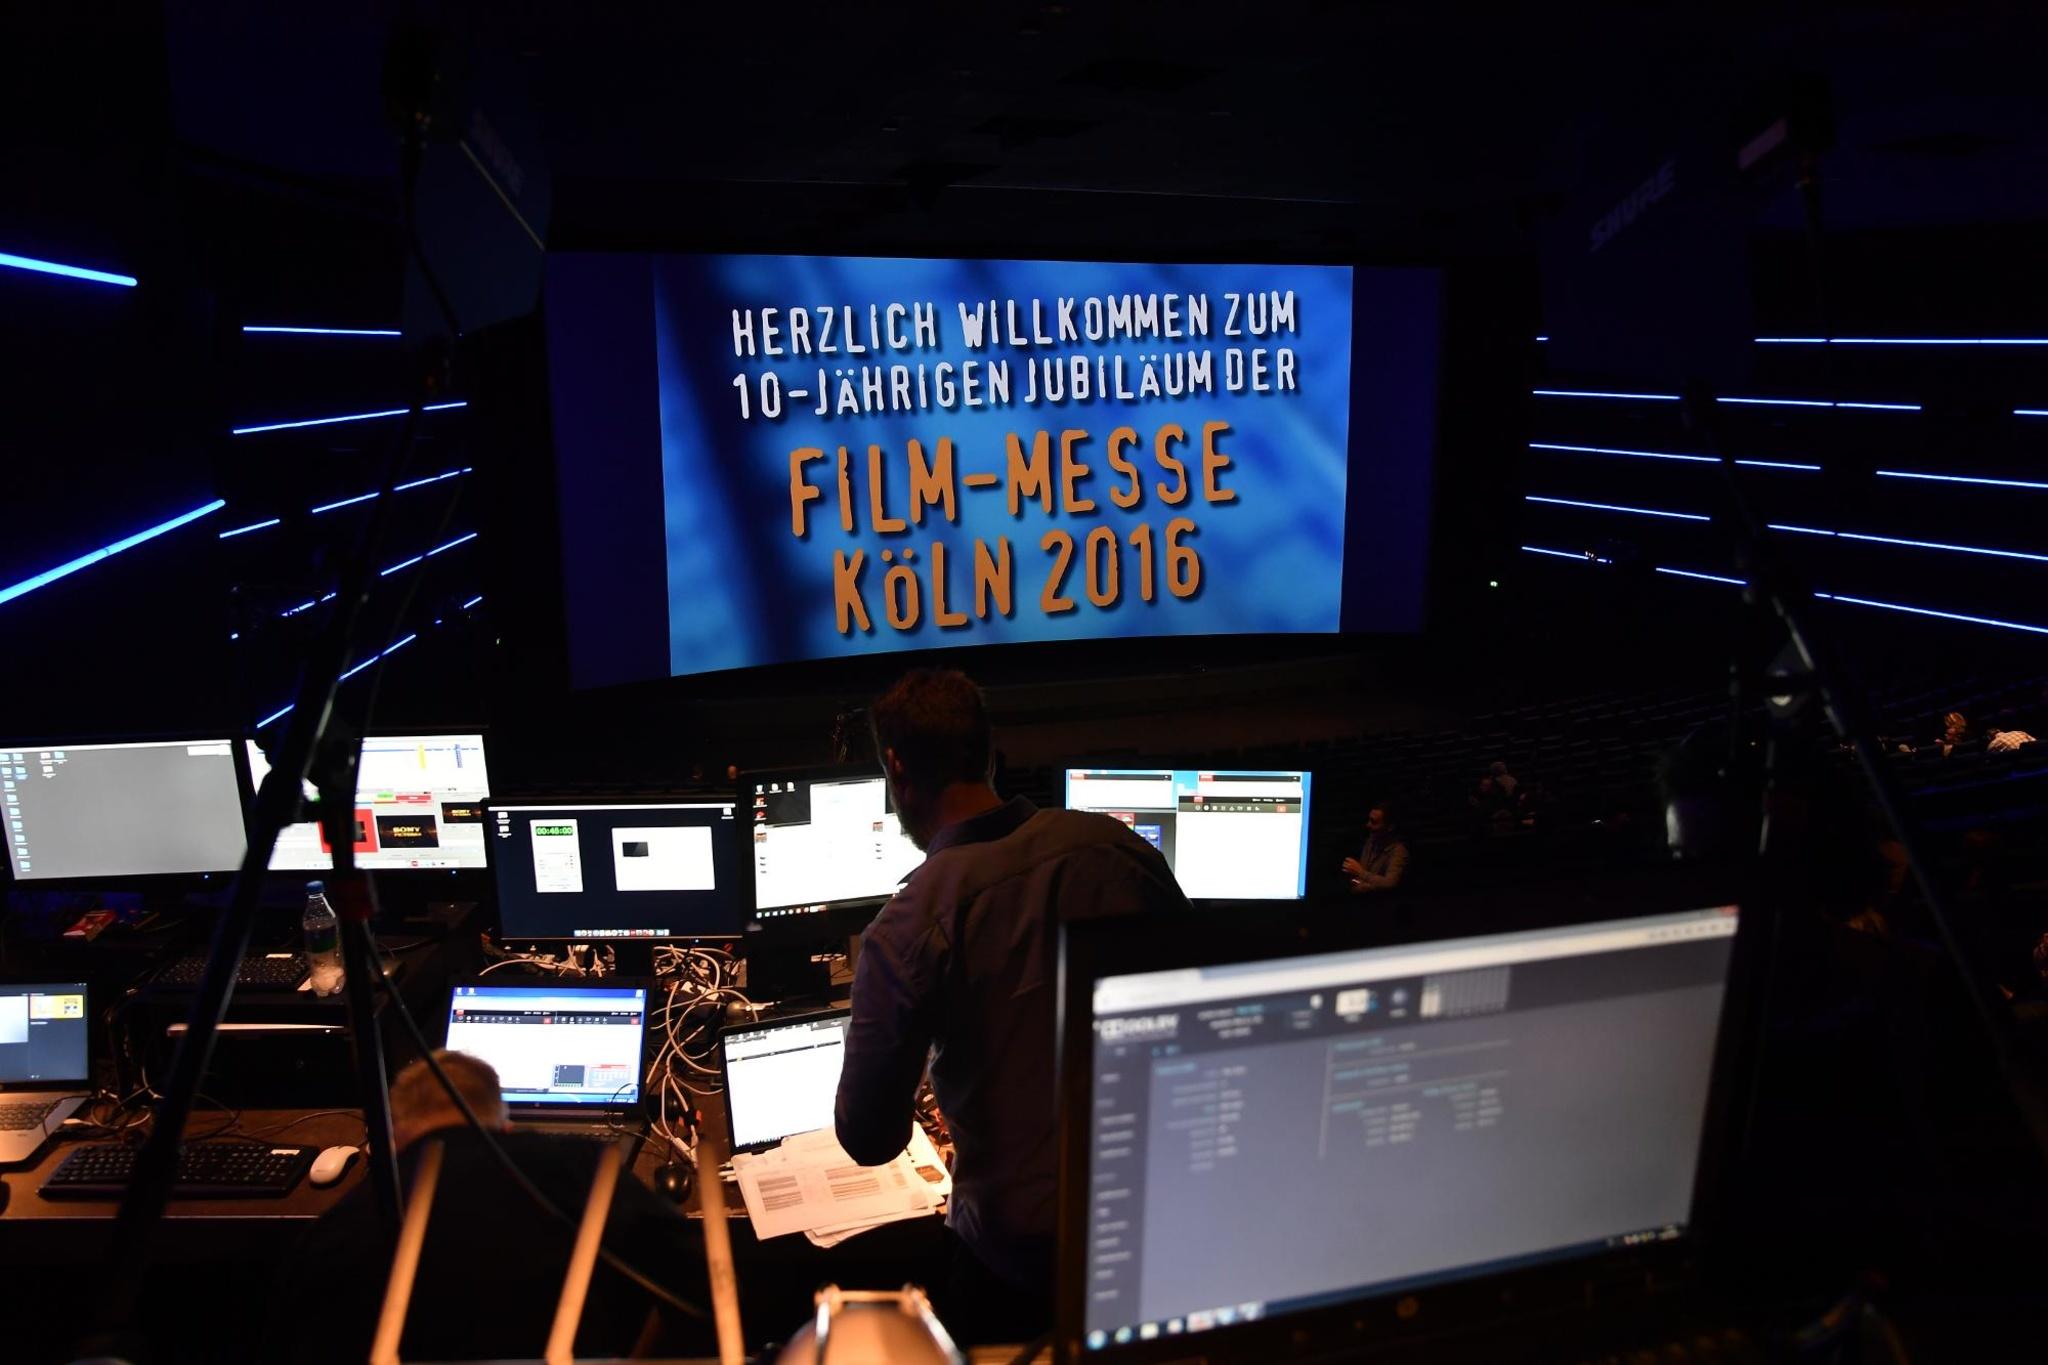 Filmprogramm Köln